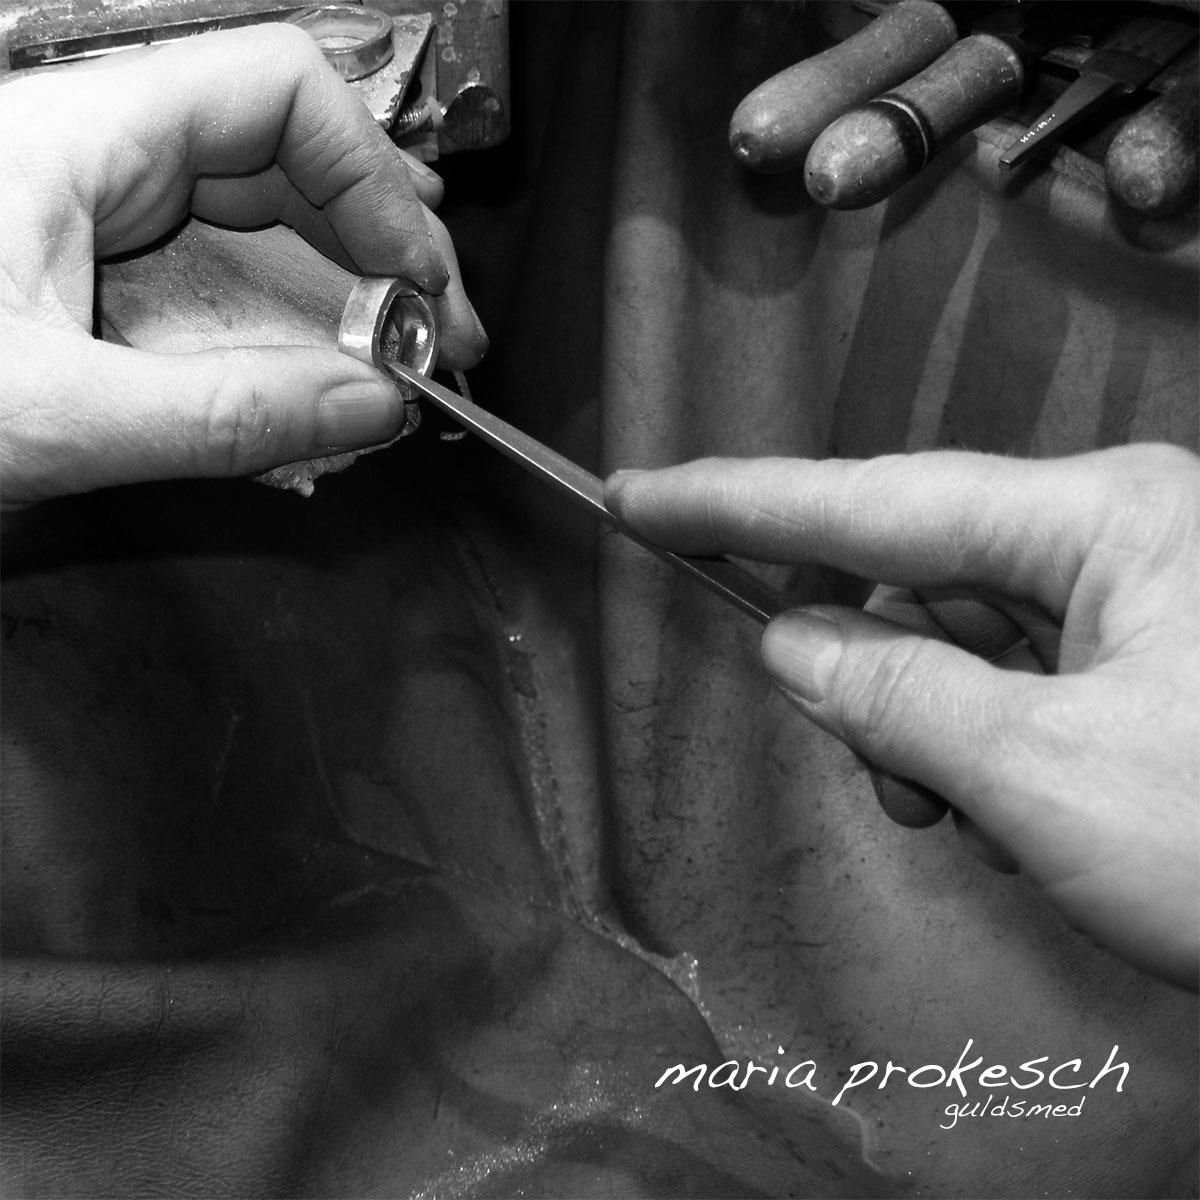 At alle smykker bliver håndlavede på eget værksted gør en stor forskel. Vielsesringene på bestilling kan få det specielle og personlige udtryk som I ønsker.